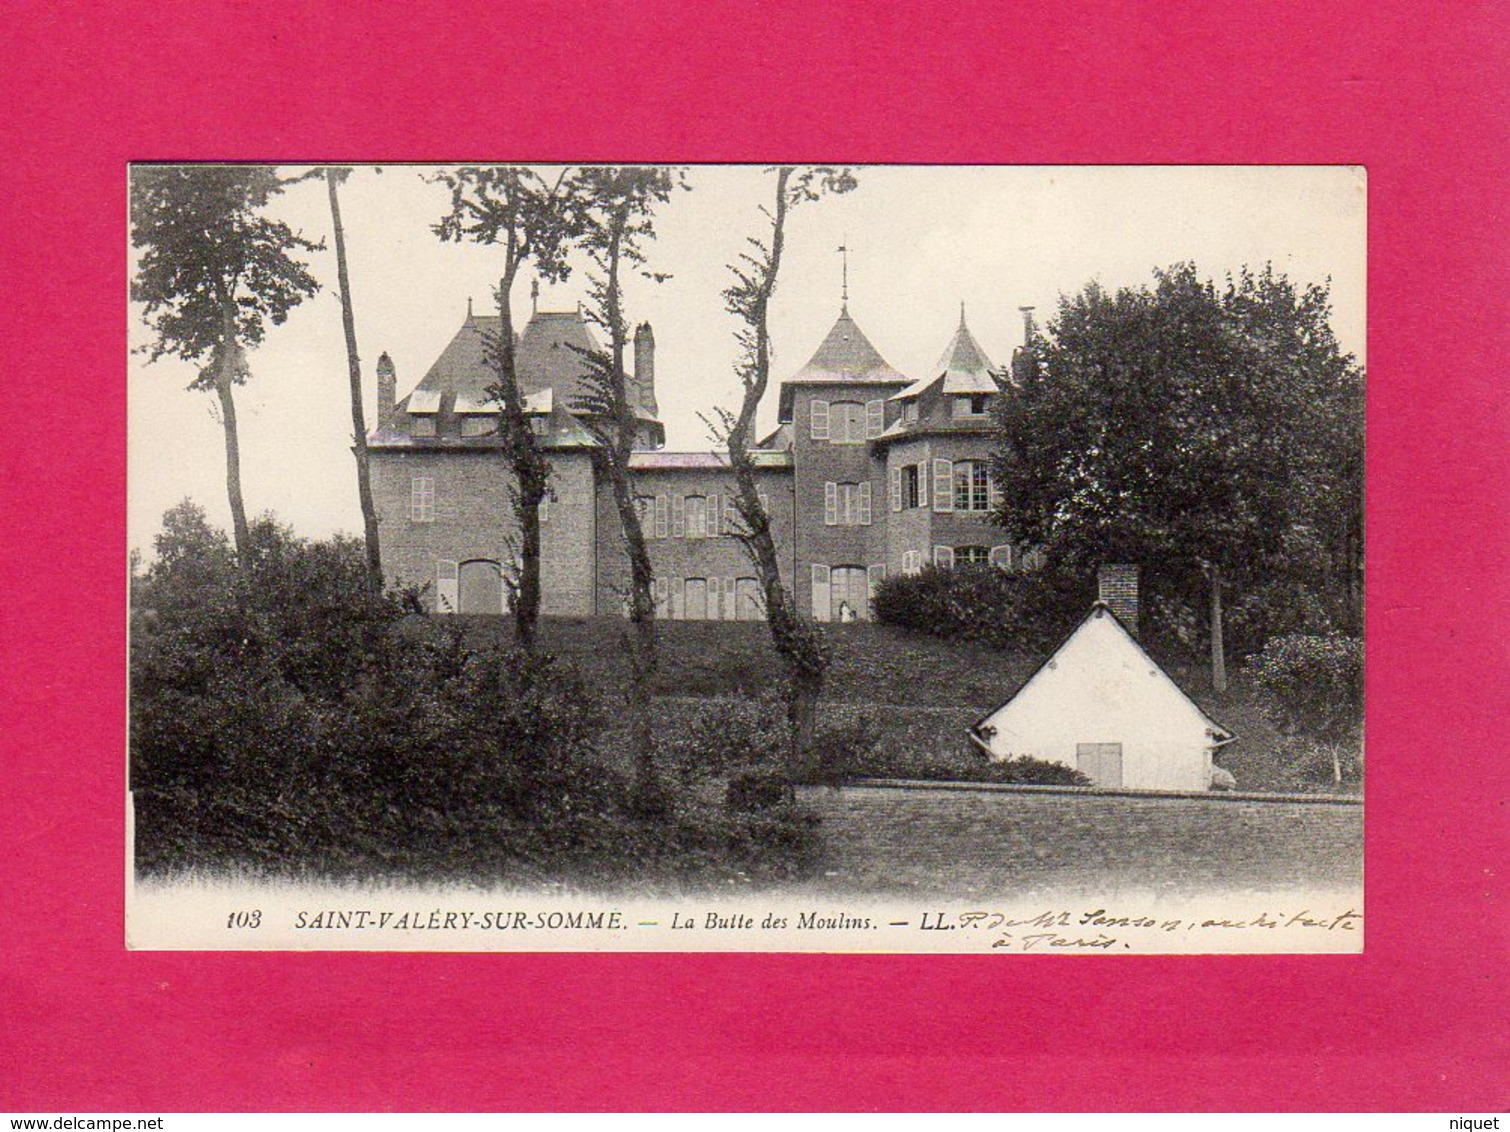 80 Somme, SAINT-VALERY-SUR-SOMME, LA BUTTE DES MOULINS, (L. L.) - Saint Valery Sur Somme